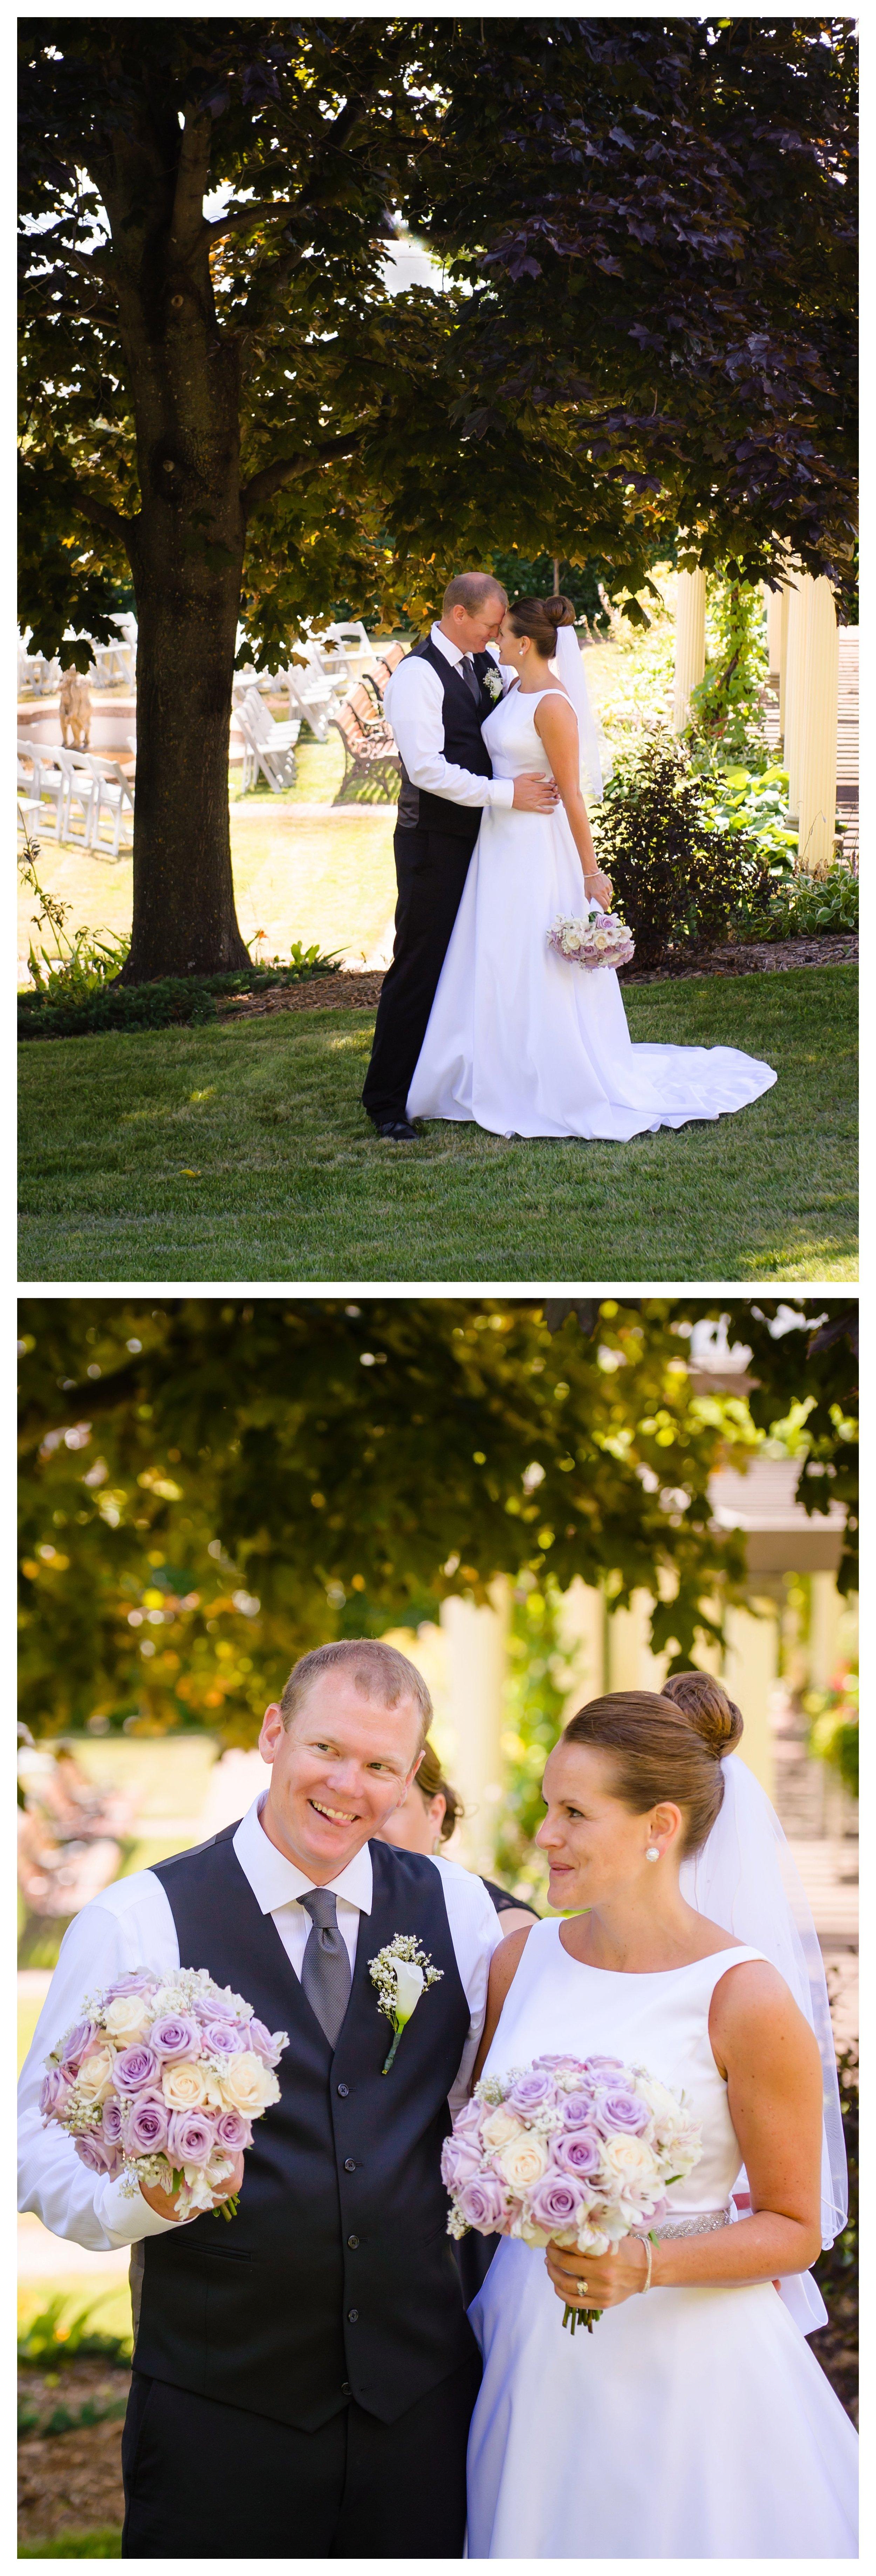 ps 139 photography jen jensen bayfield Rittenhouse Inn La Chateau wedding_0015.jpg